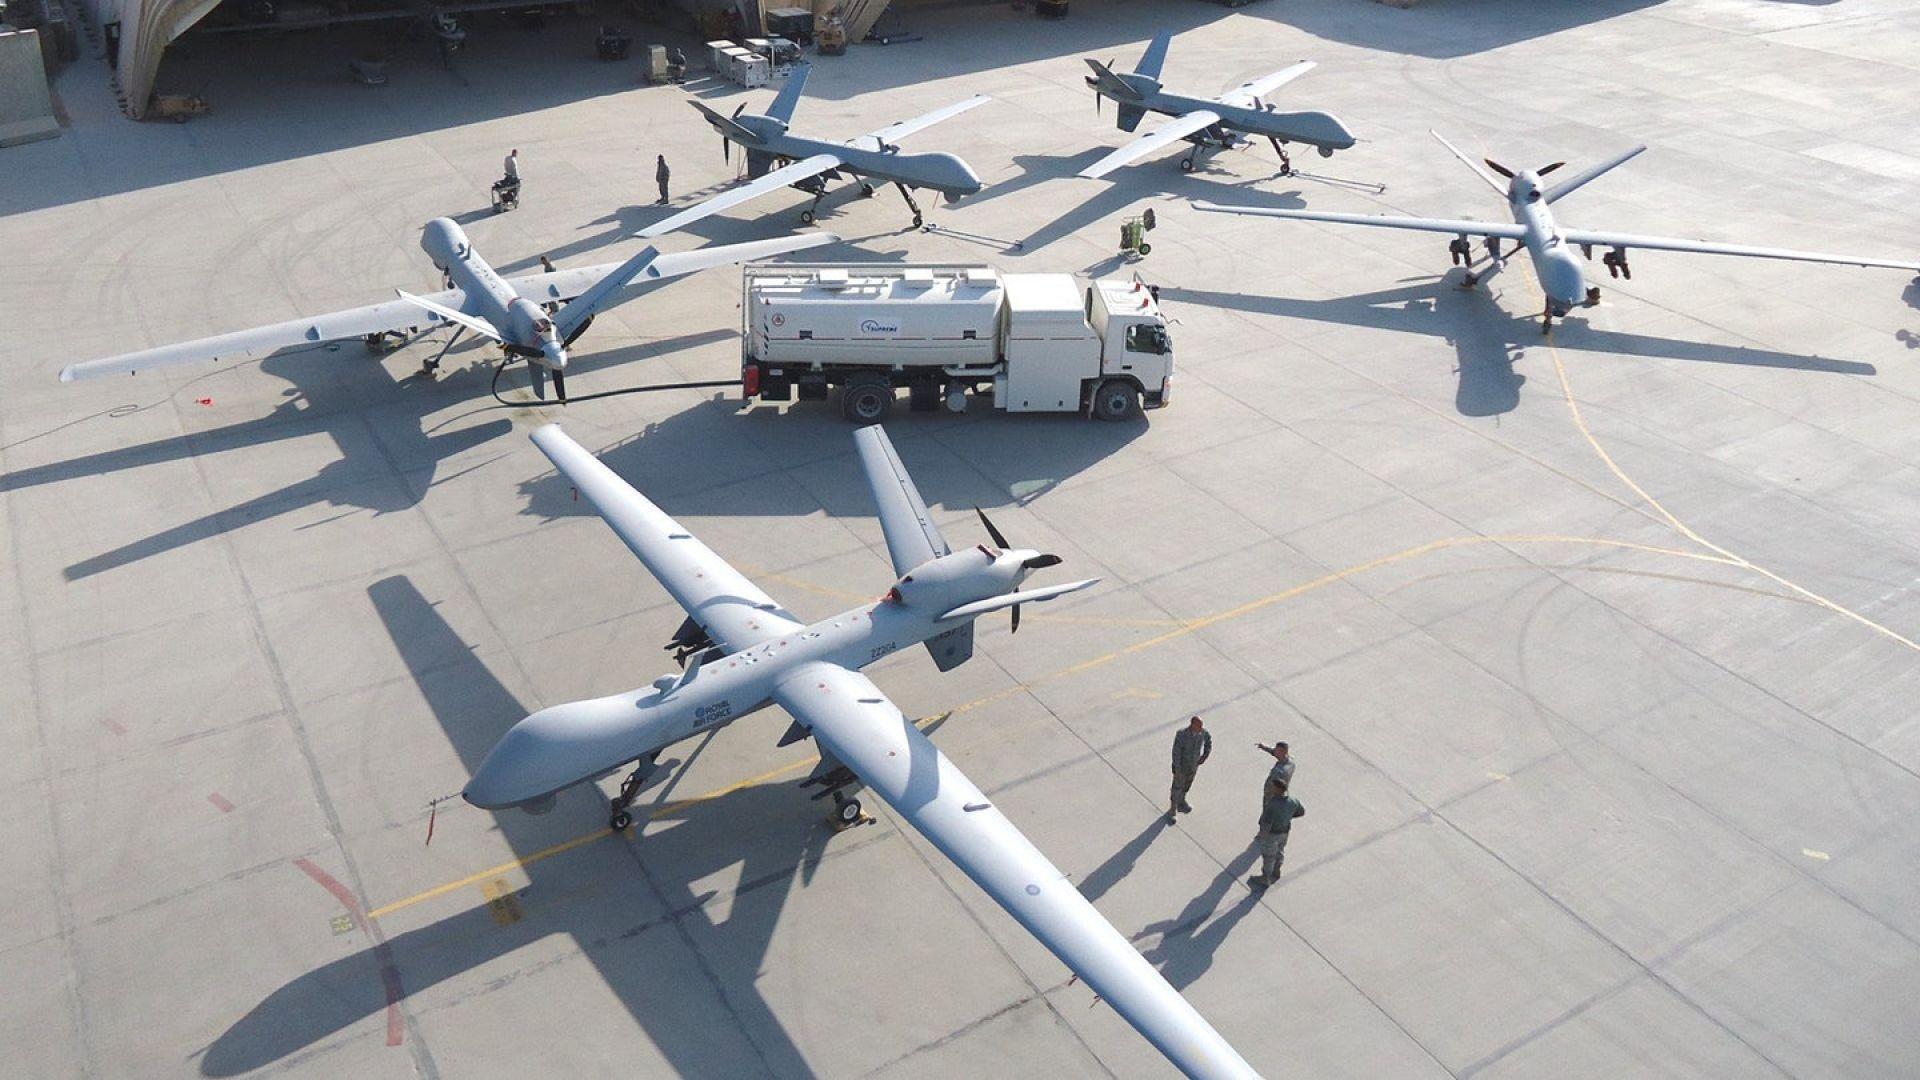 САЩ използвали база в Кувейт, за да атакуват и убият Солеймани